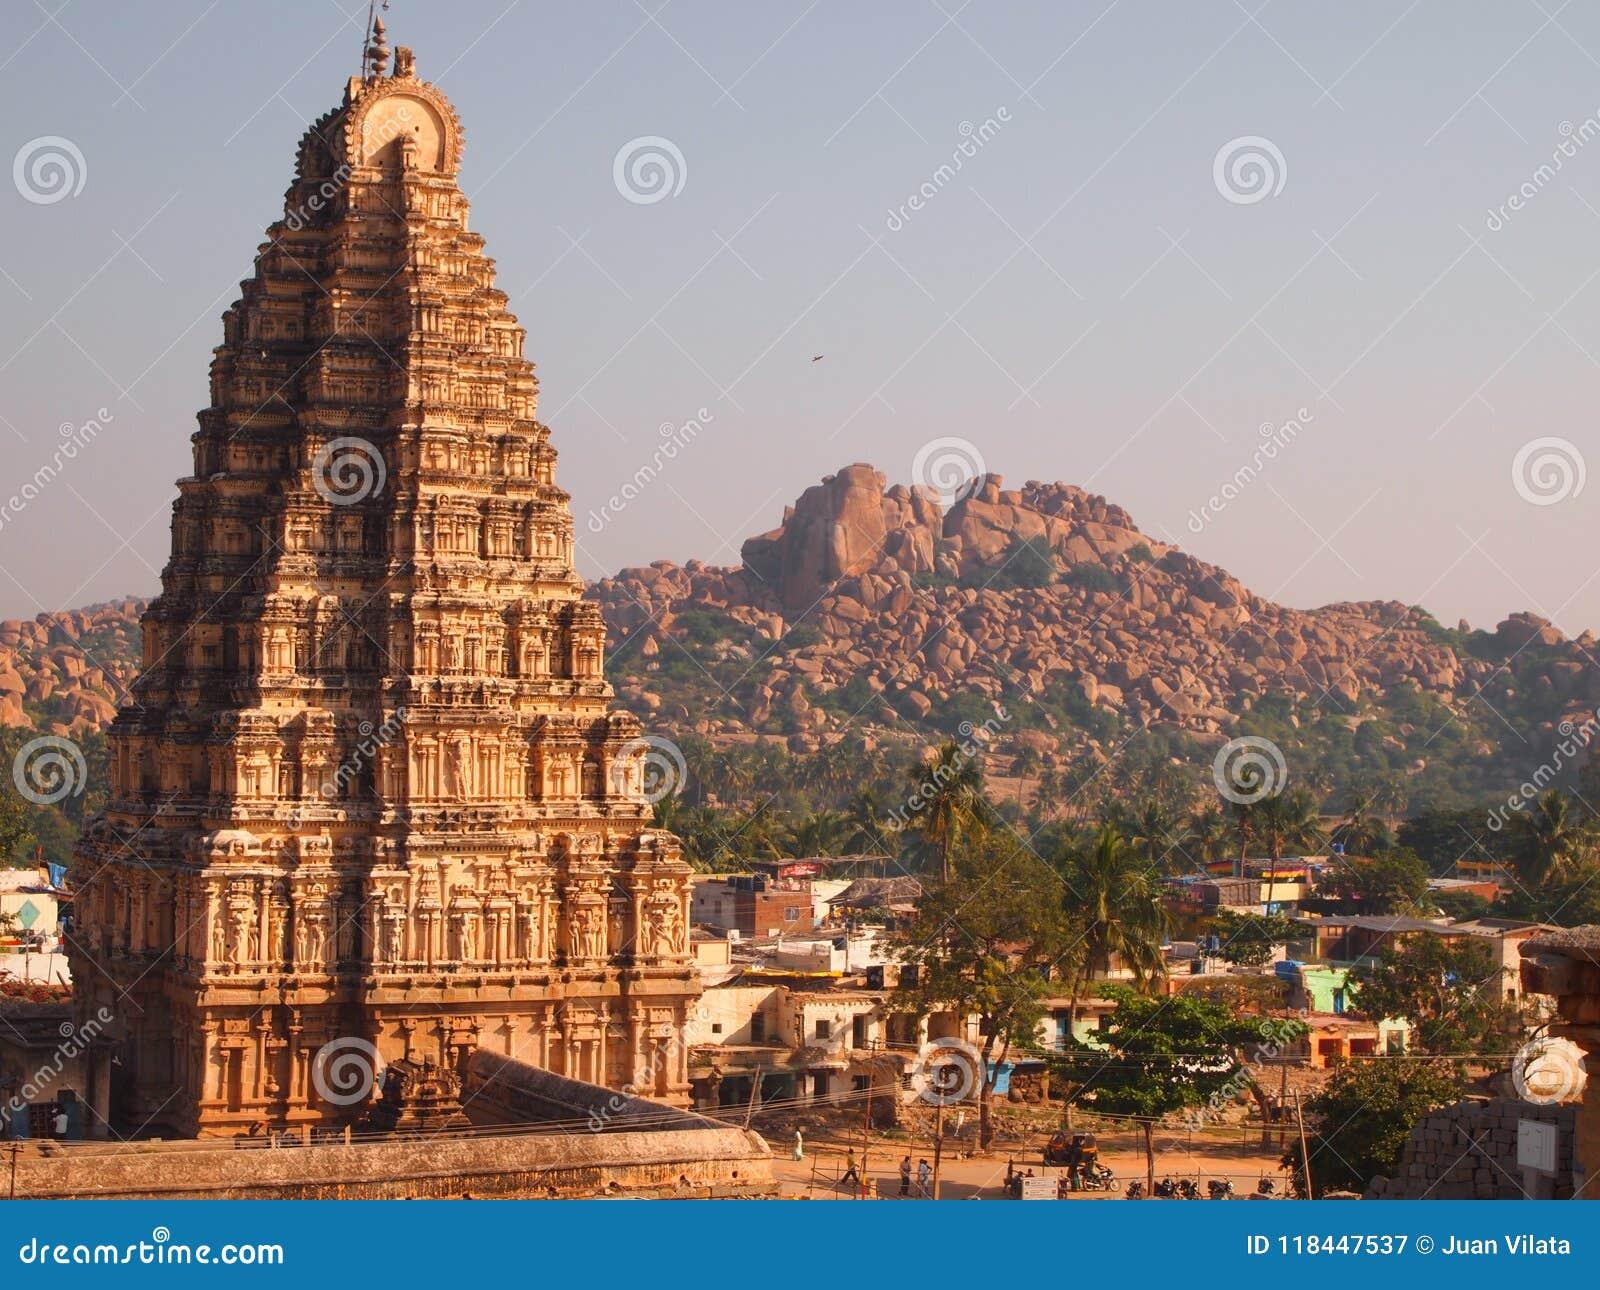 Der Hampi-Tempelkomplex, eine UNESCO-Welterbestätte in Karnataka, Indien